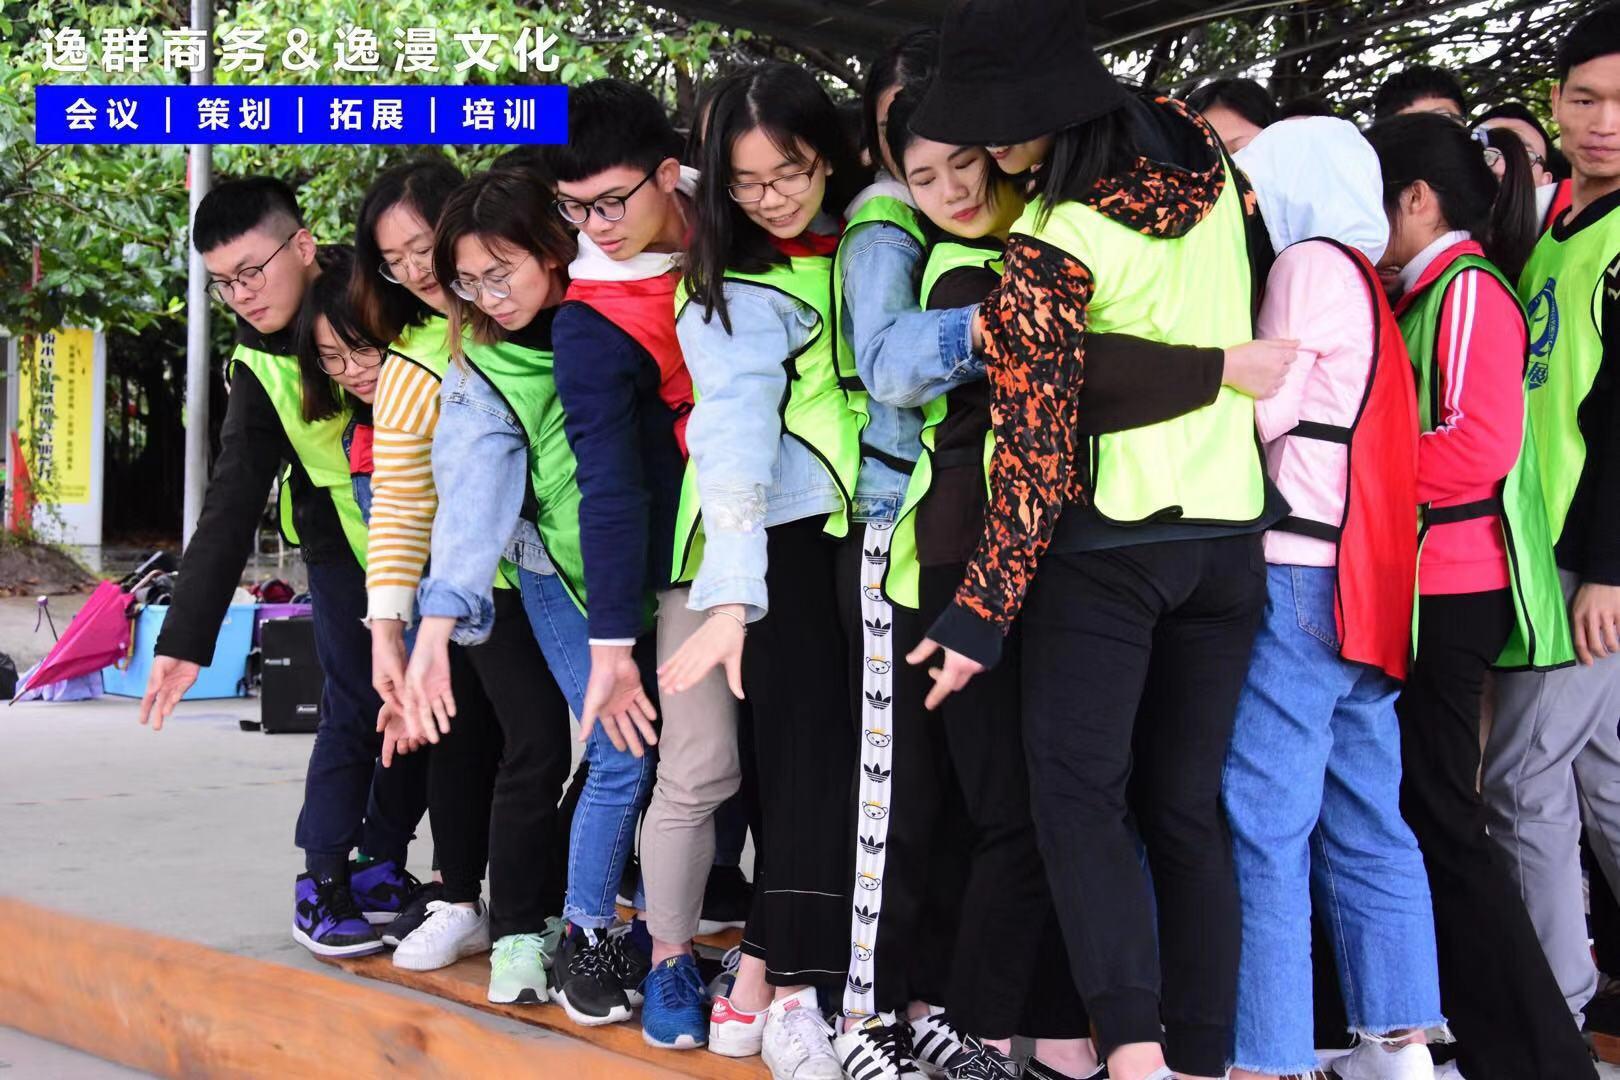 廣州醫科大學附屬第二醫院18級研究生拓展訓練